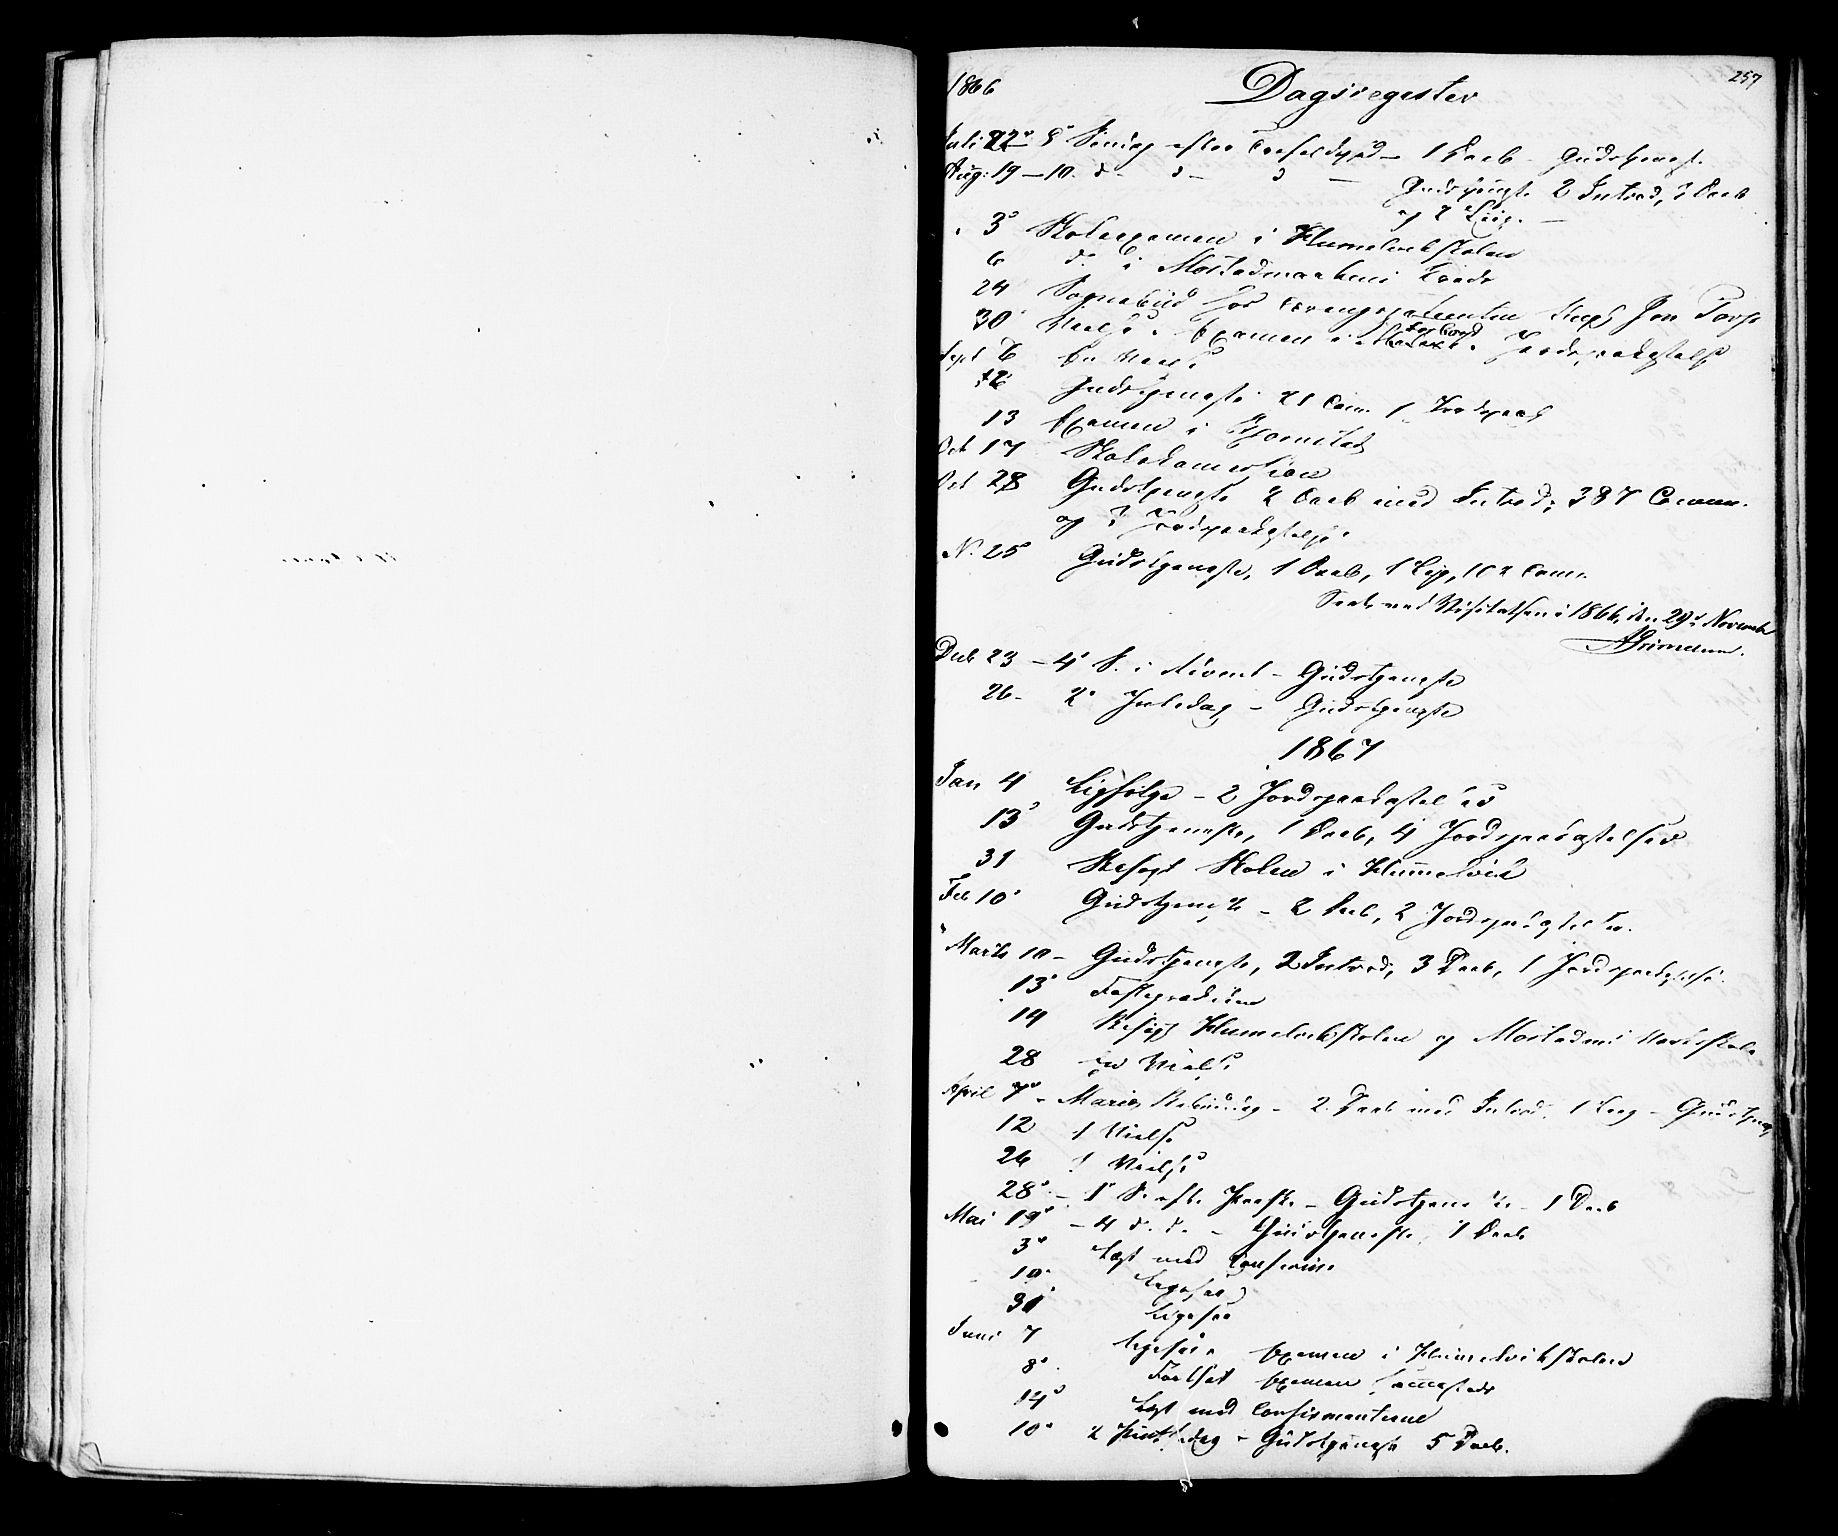 SAT, Ministerialprotokoller, klokkerbøker og fødselsregistre - Sør-Trøndelag, 616/L0409: Ministerialbok nr. 616A06, 1865-1877, s. 257